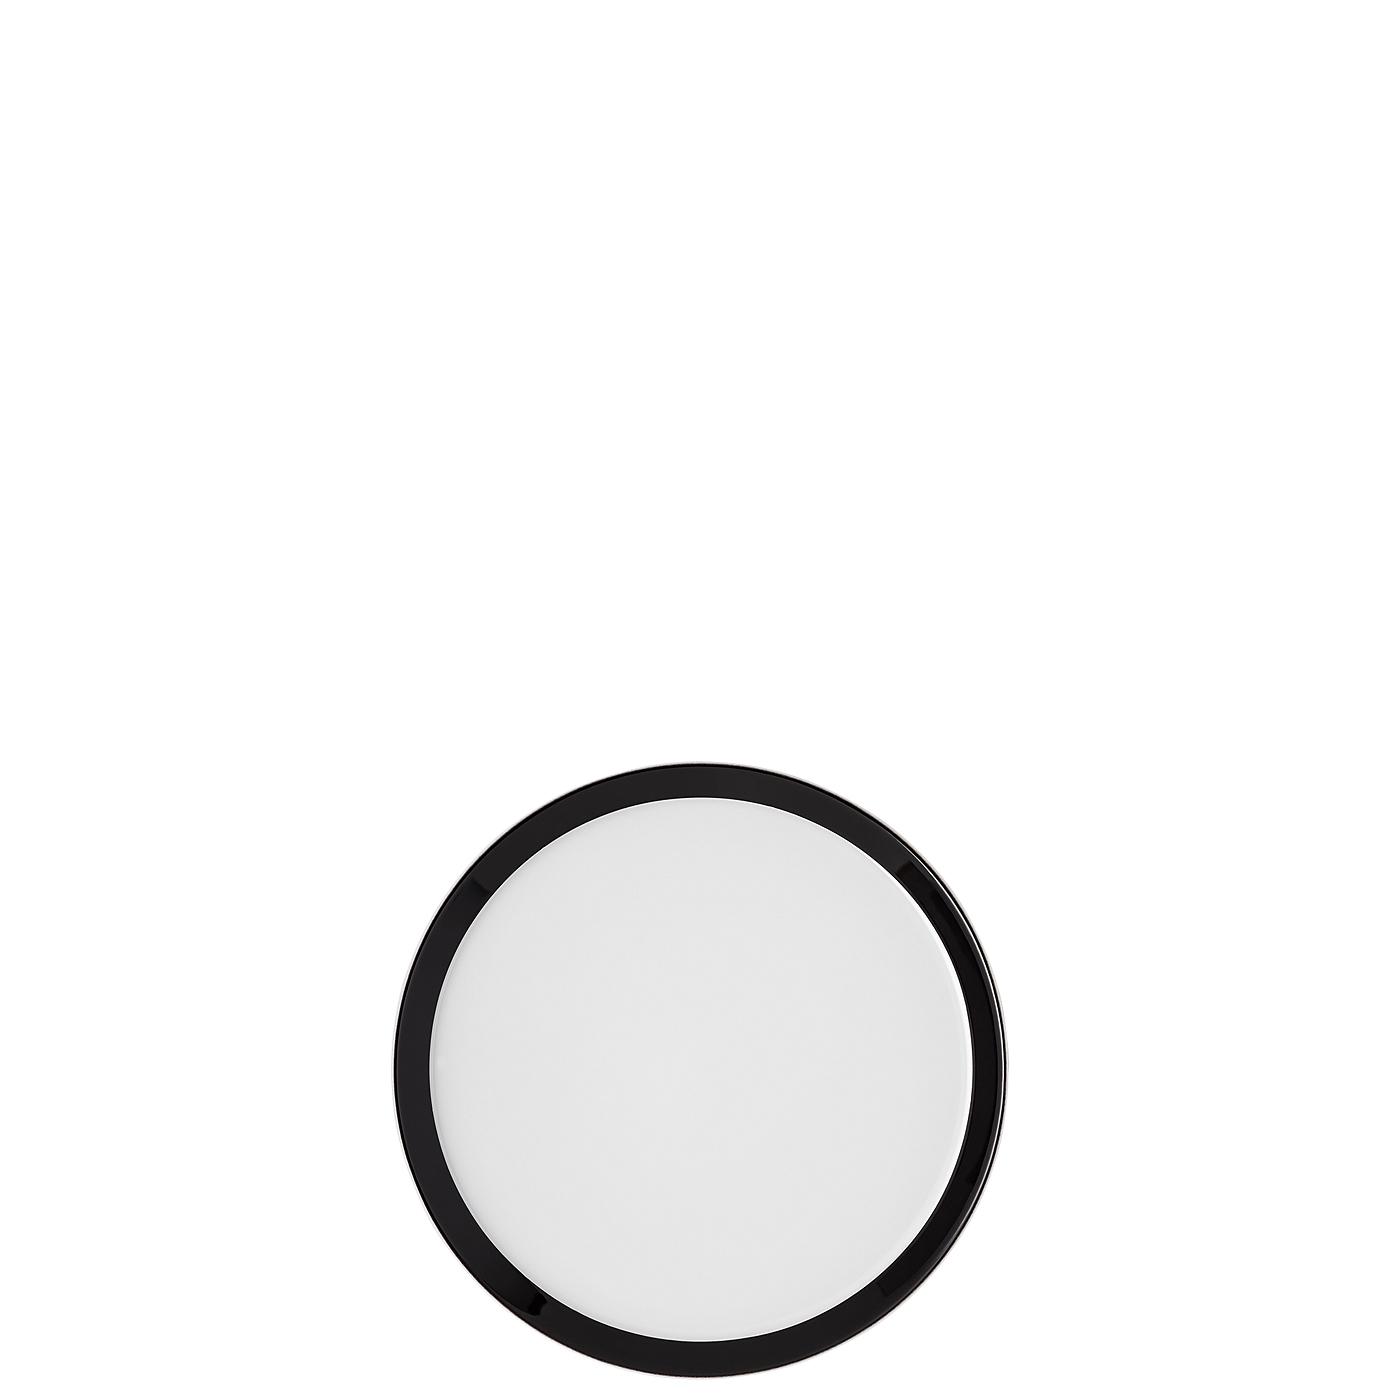 Brotteller 18 cm/Fa Tric Monochrome Arzberg